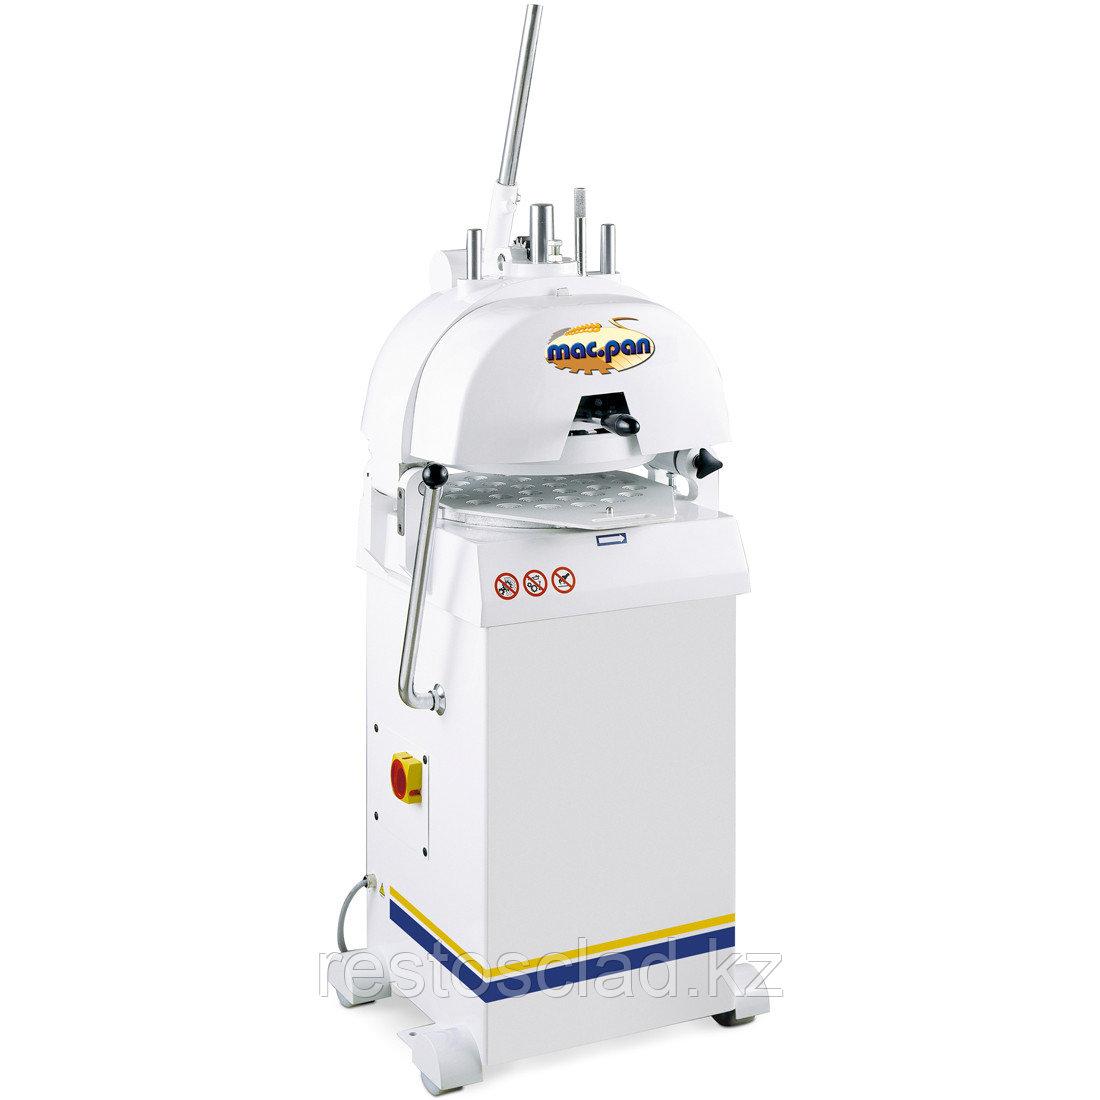 Тестоделитель-округлитель полуавтоматический MAC.PAN MSRS 22